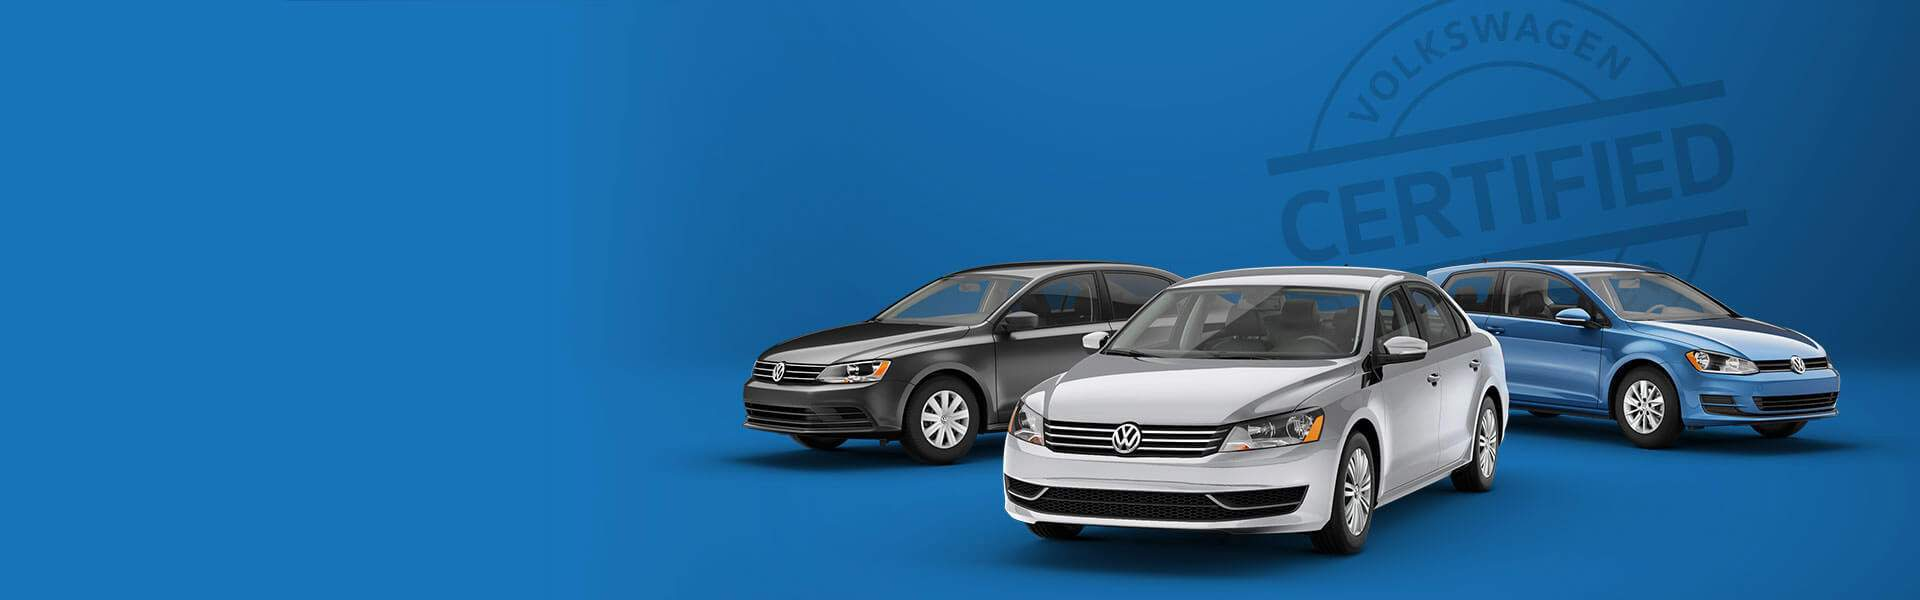 Volkswagen Certified Pre-Owned in Corona, CA